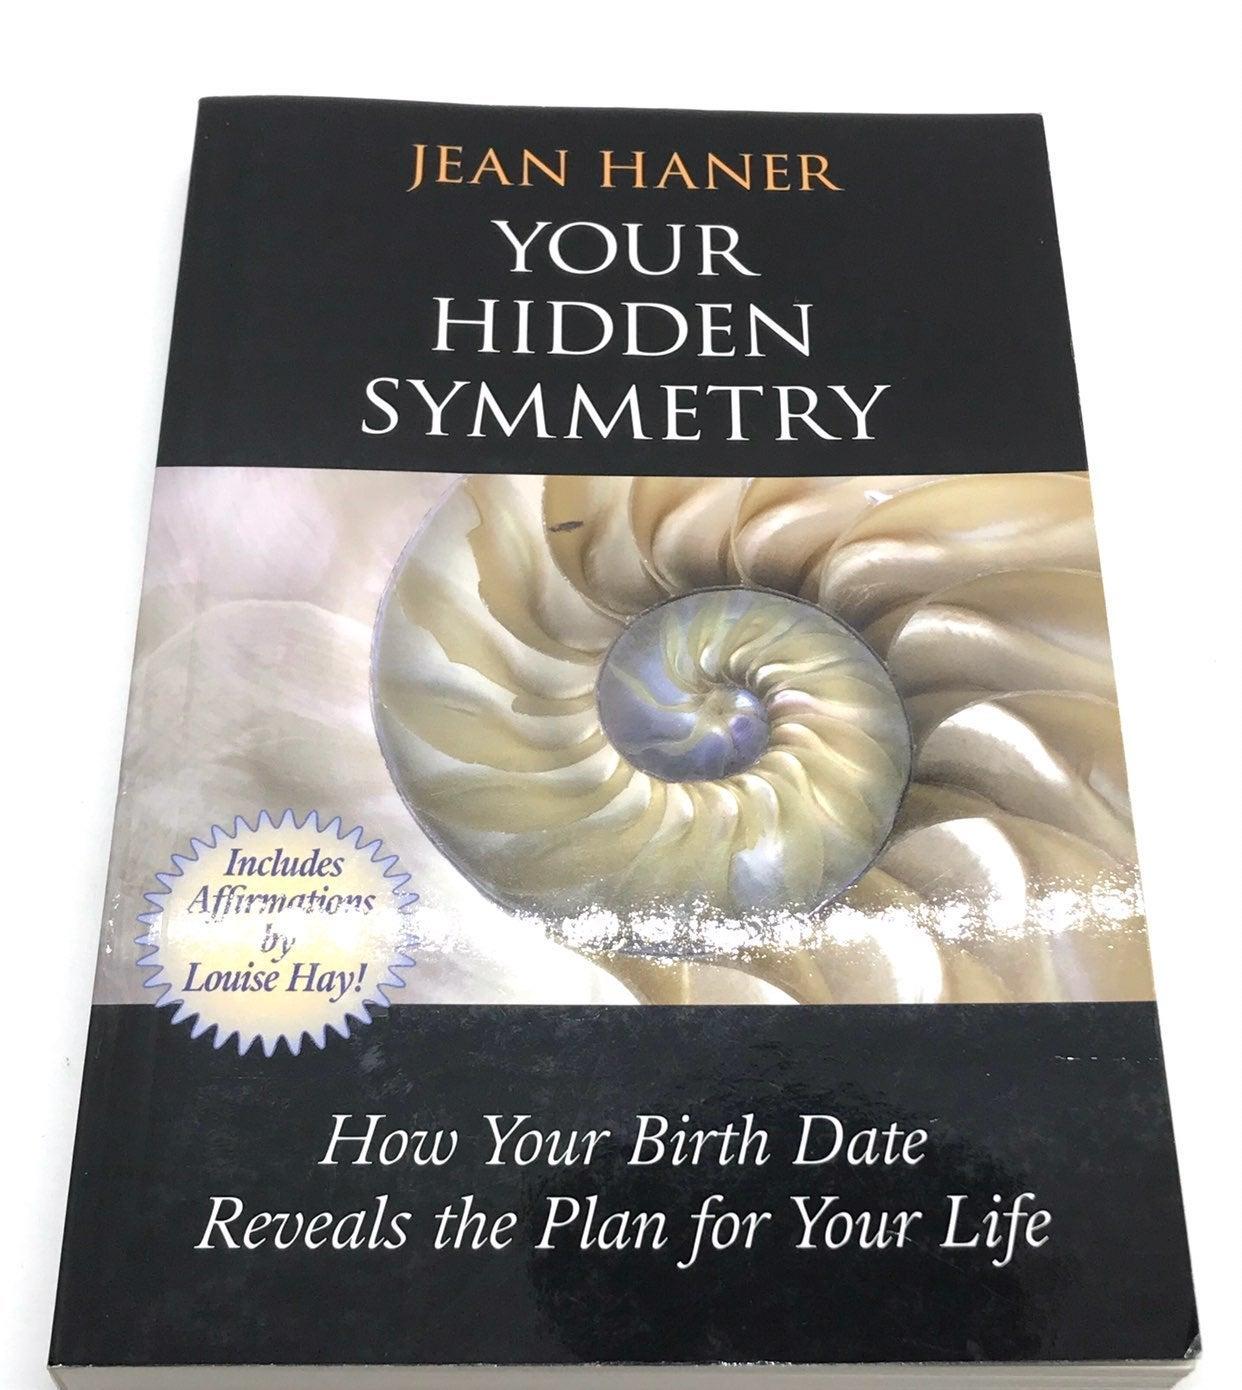 Book: Your Hidden Symmetry by Jean Haner